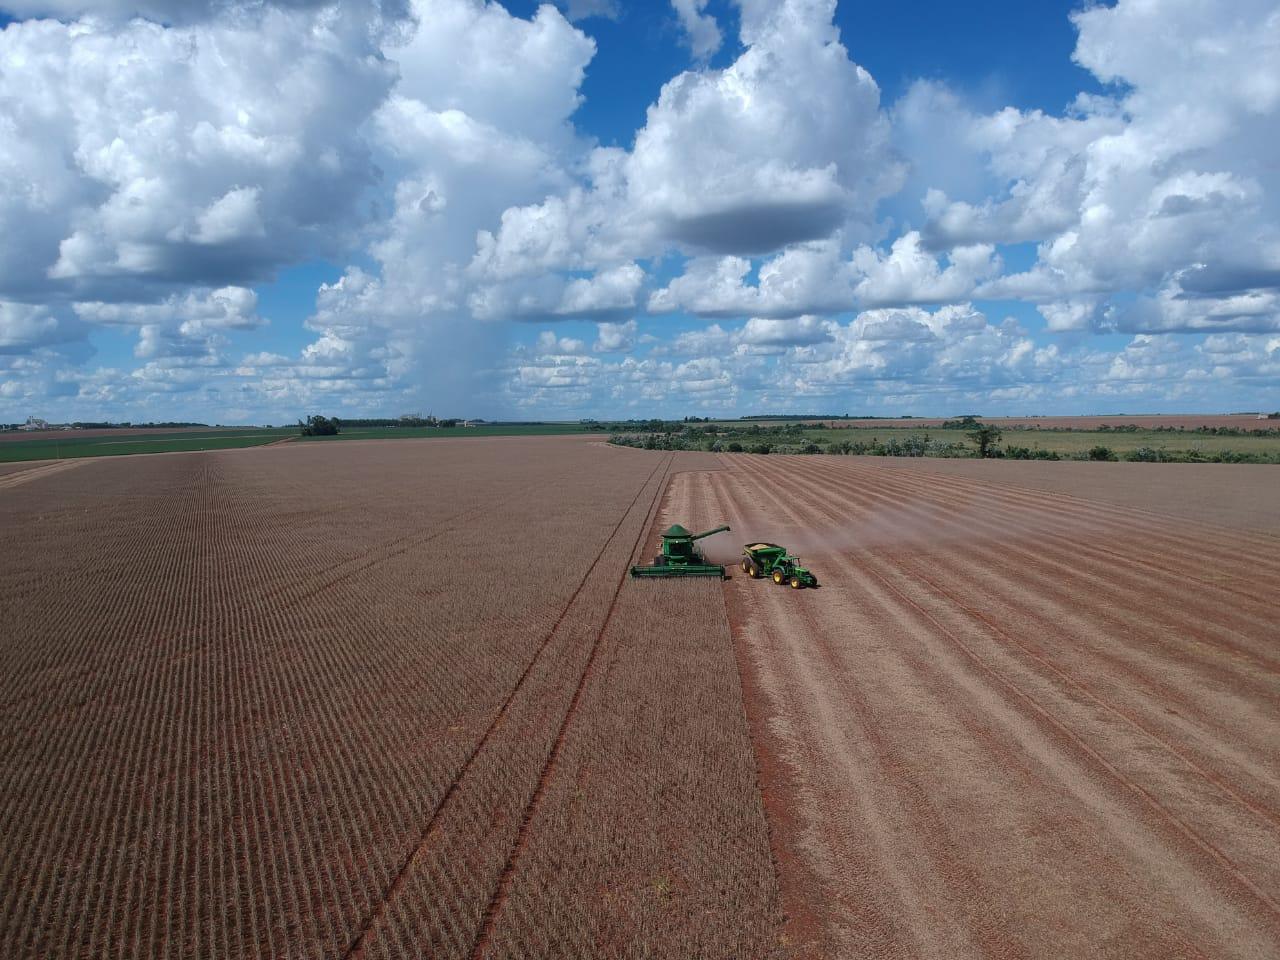 Colheita da soja em Corpus Christi, Py. Em relação a safra 2017 2018, houve redução de até 40 sacas/hectare devido a estiagem. Envio de Lidiane Miotto